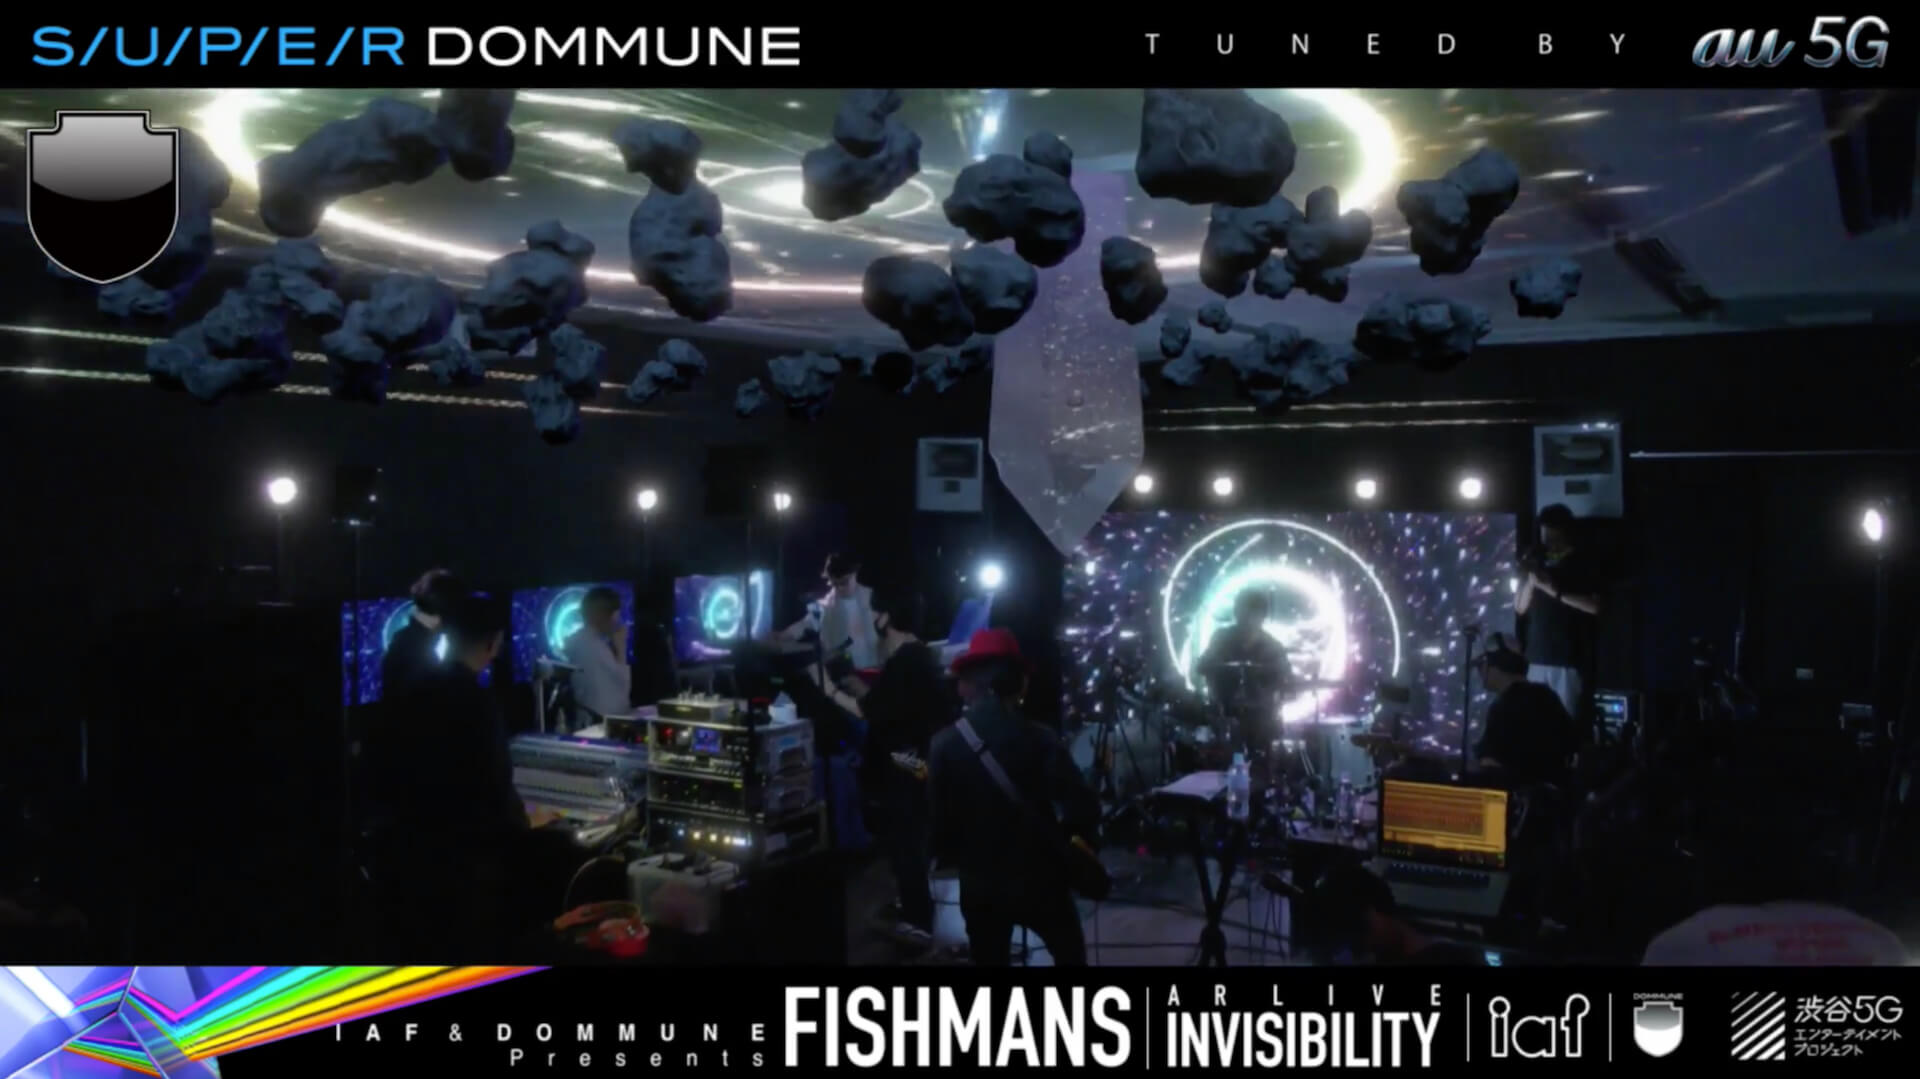 リアルとバーチャルのシナジーが生まれたFISHMANS AR LIVE<INVISIBILITY> music200622_fishmans_superdommune_6